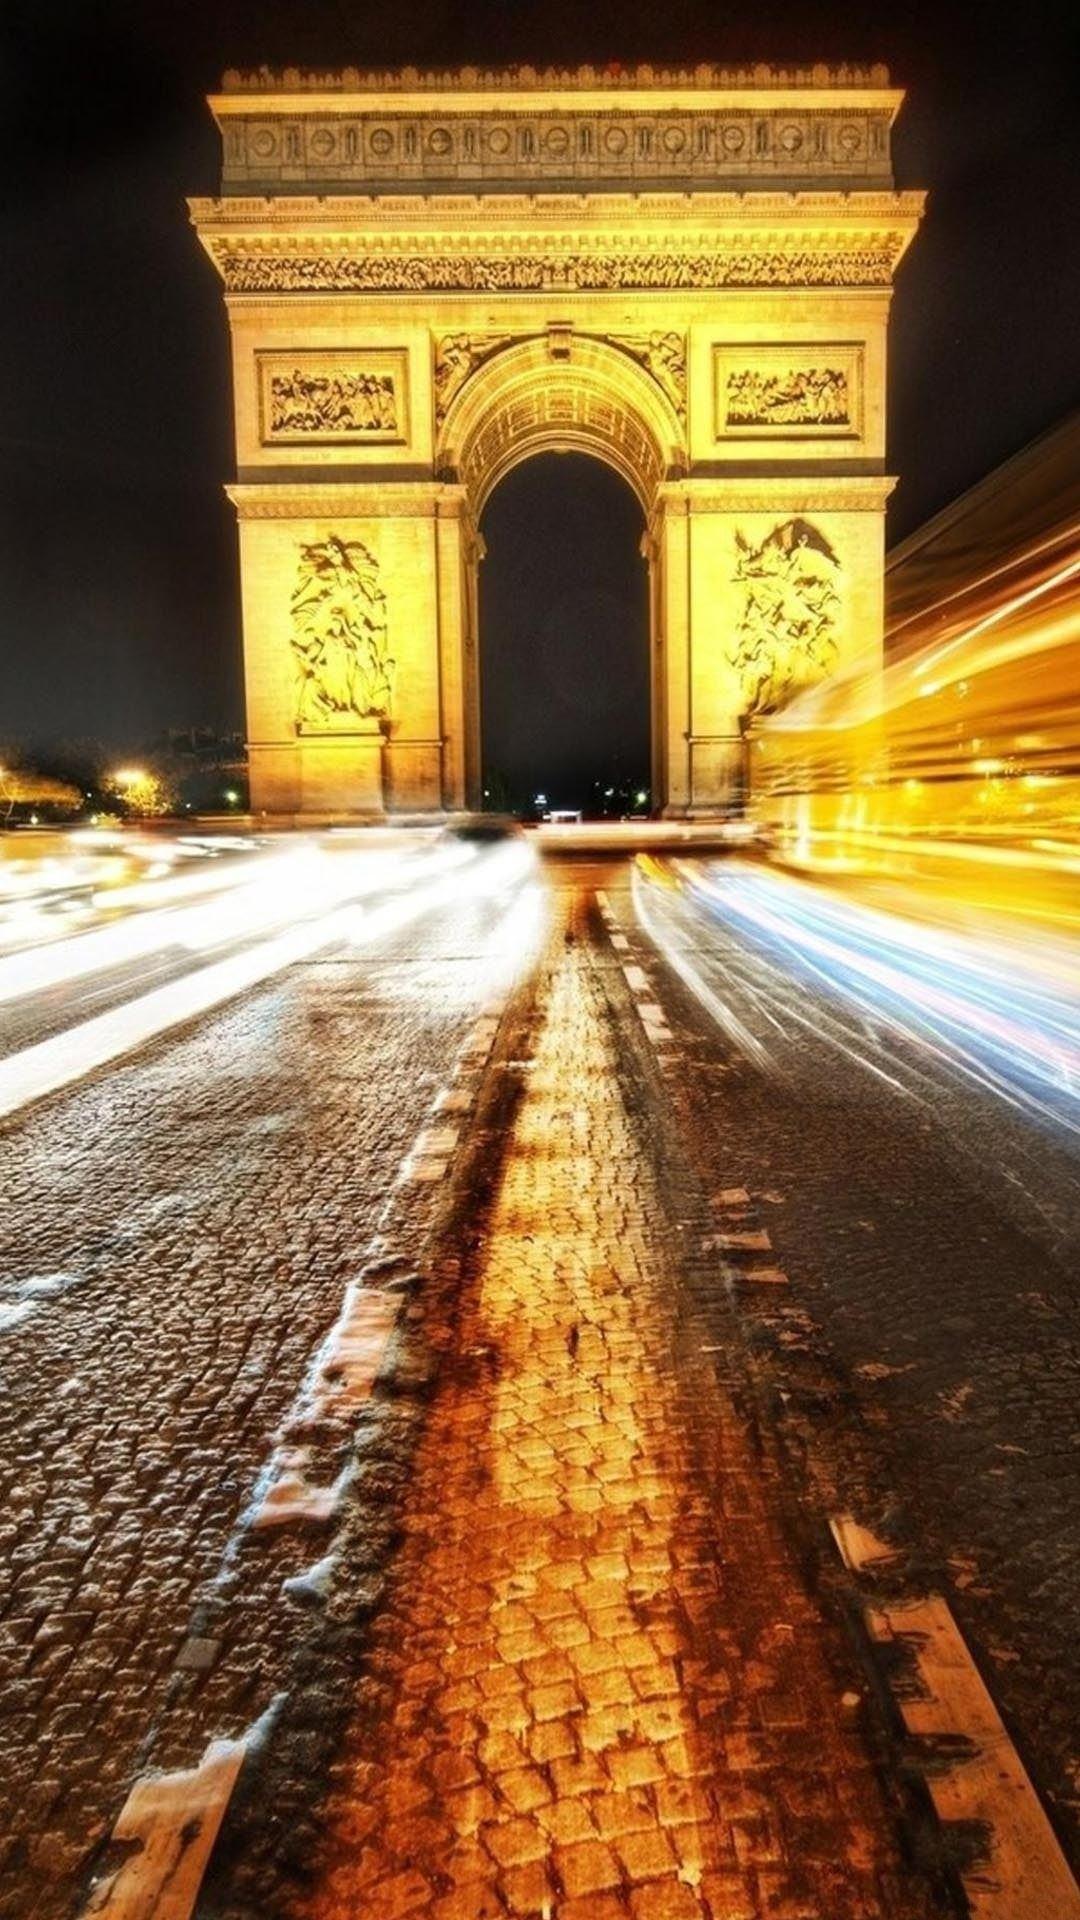 Long Exposure Arc De Triomphe Paris iPhone 6 Plus HD Wallpaper